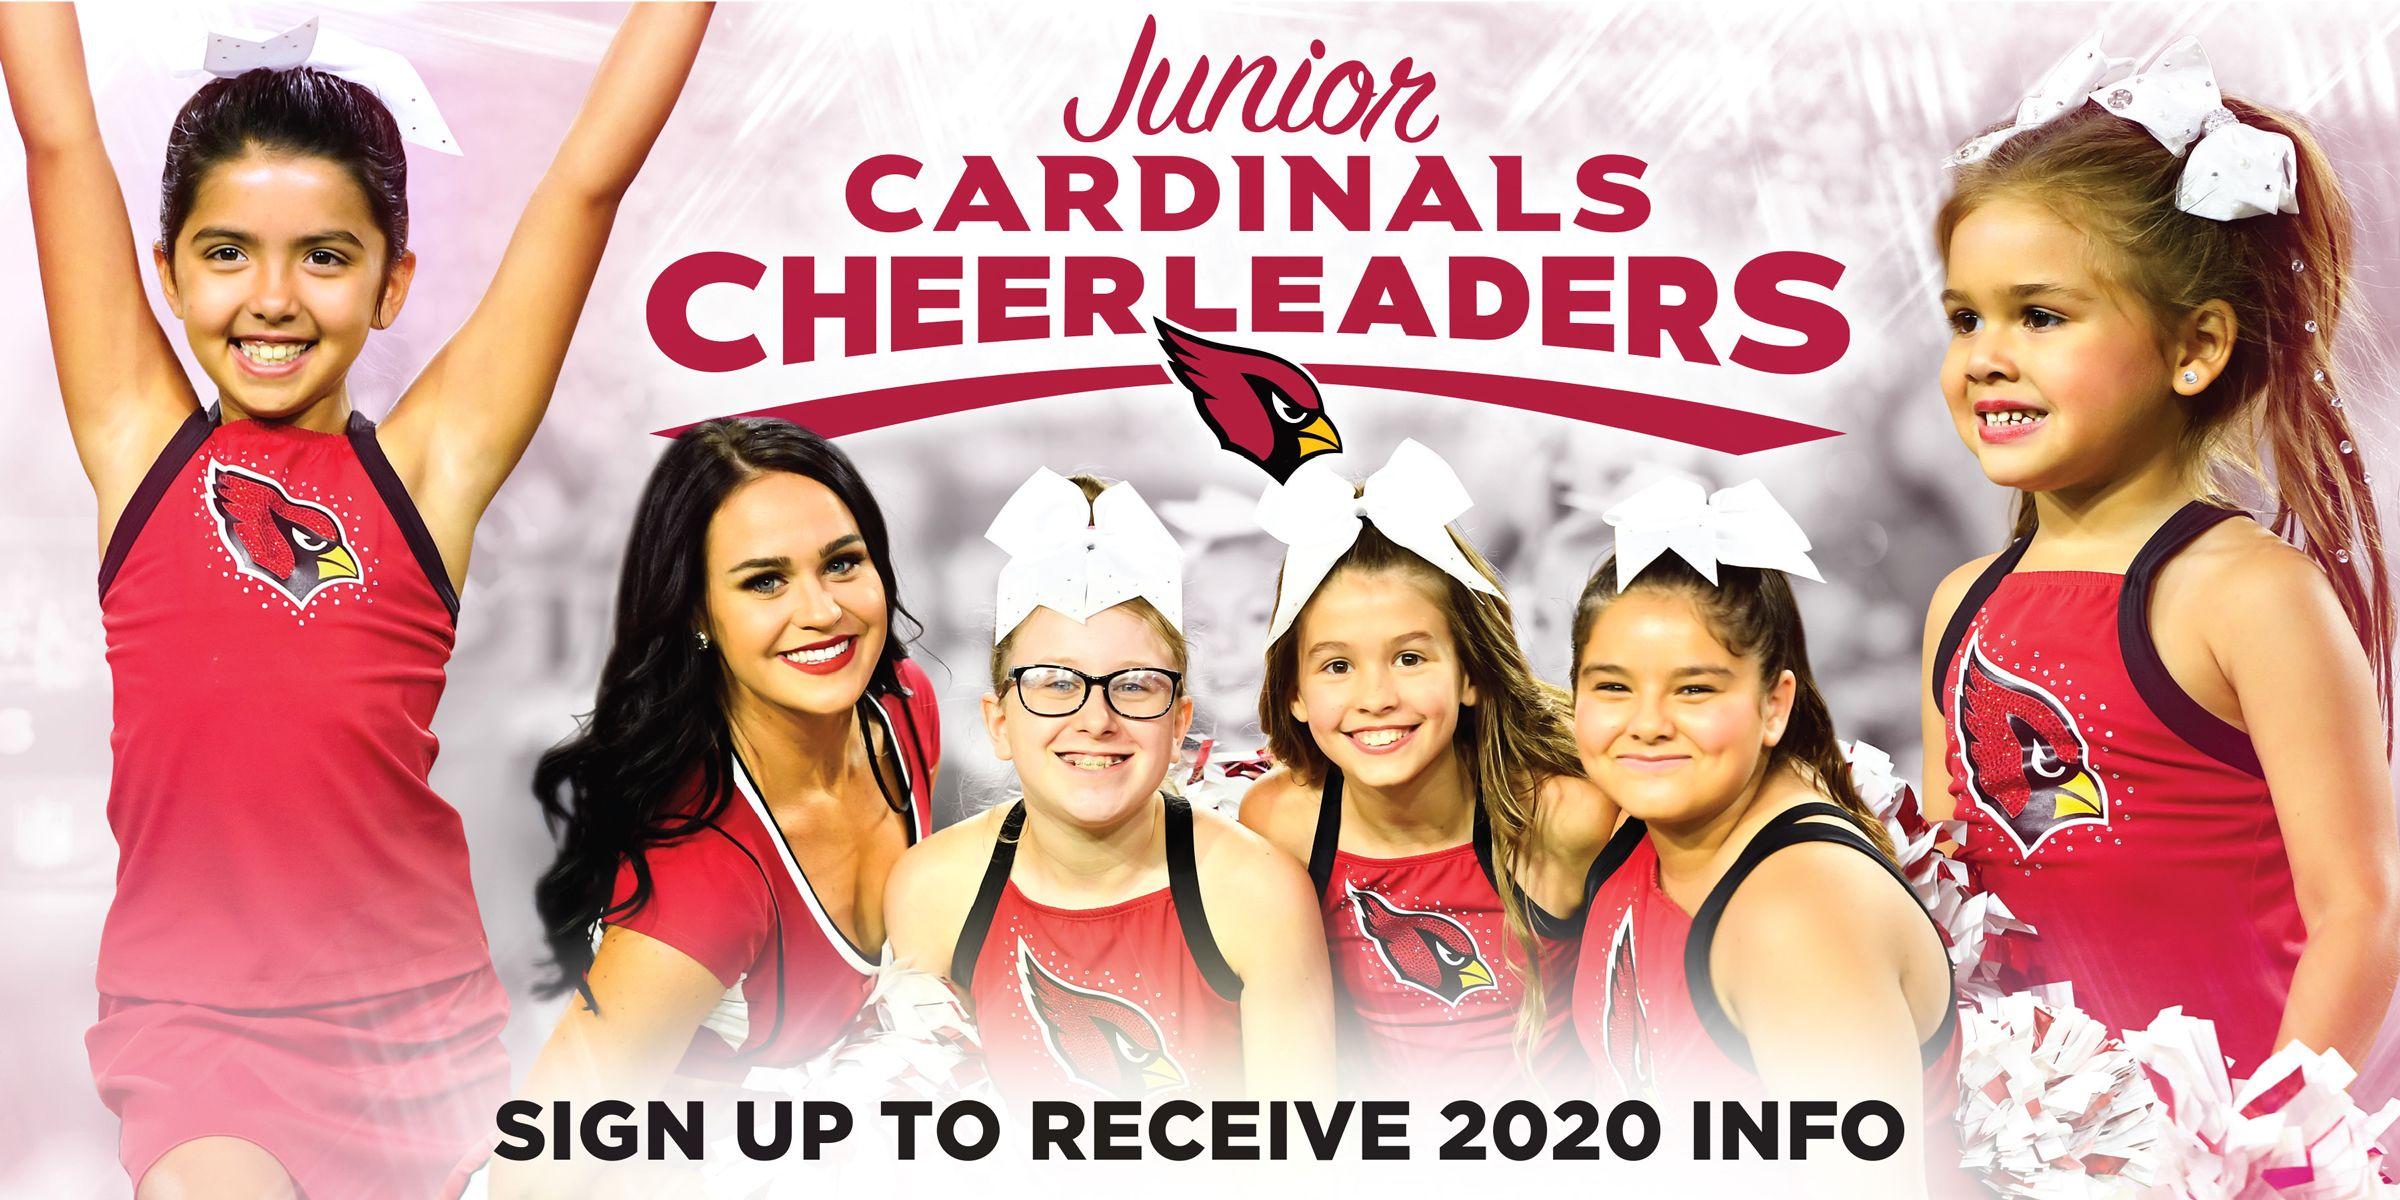 Junior Cardinals Cheerleaders 2020 Information